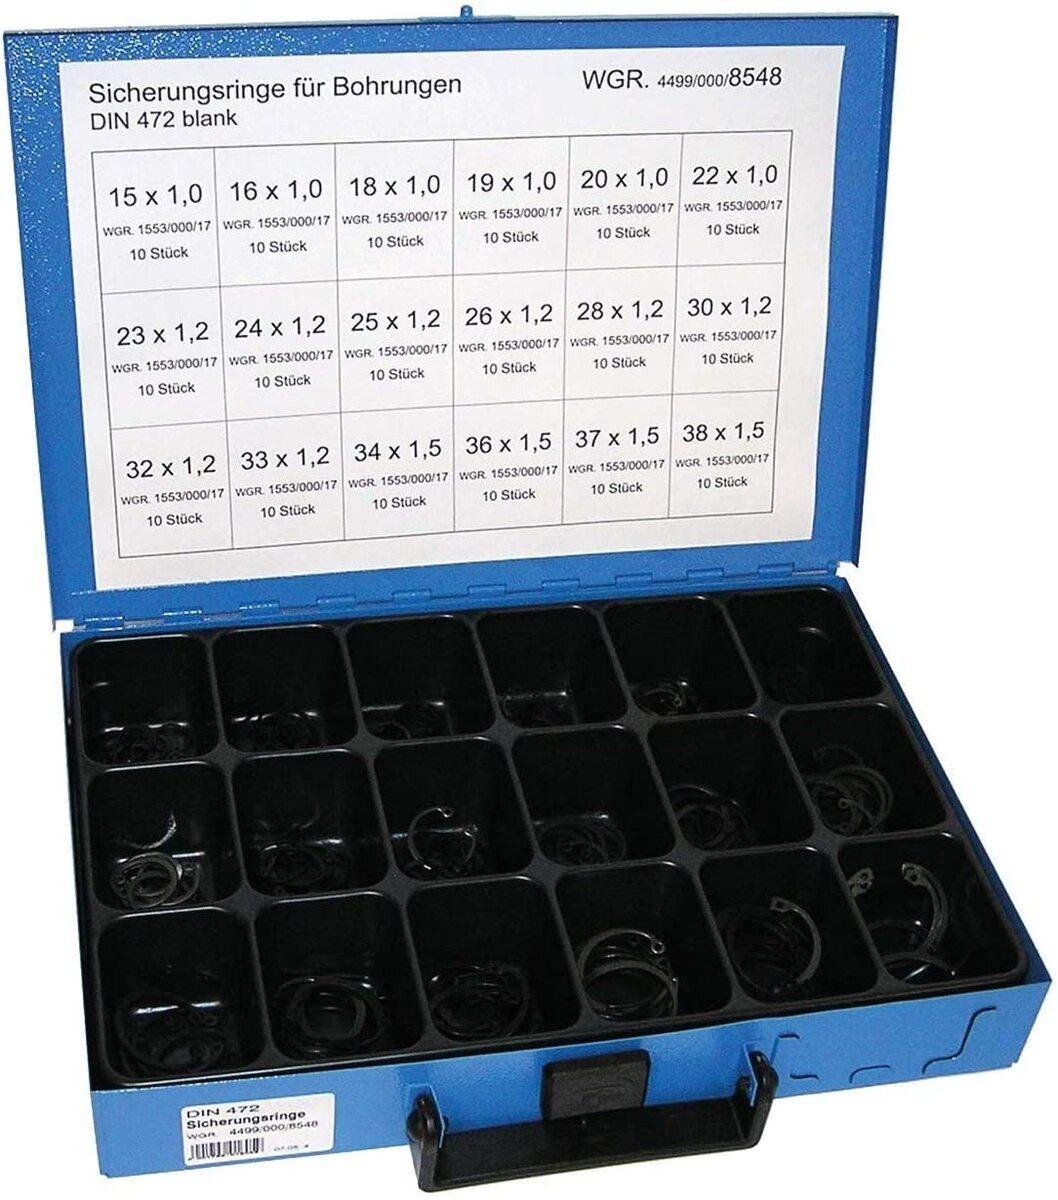 Pojistné kroužky do otvoru - vnitřní segrovky DIN 472, 15x1.0-38x1.5 mm, 180 ks v kufru